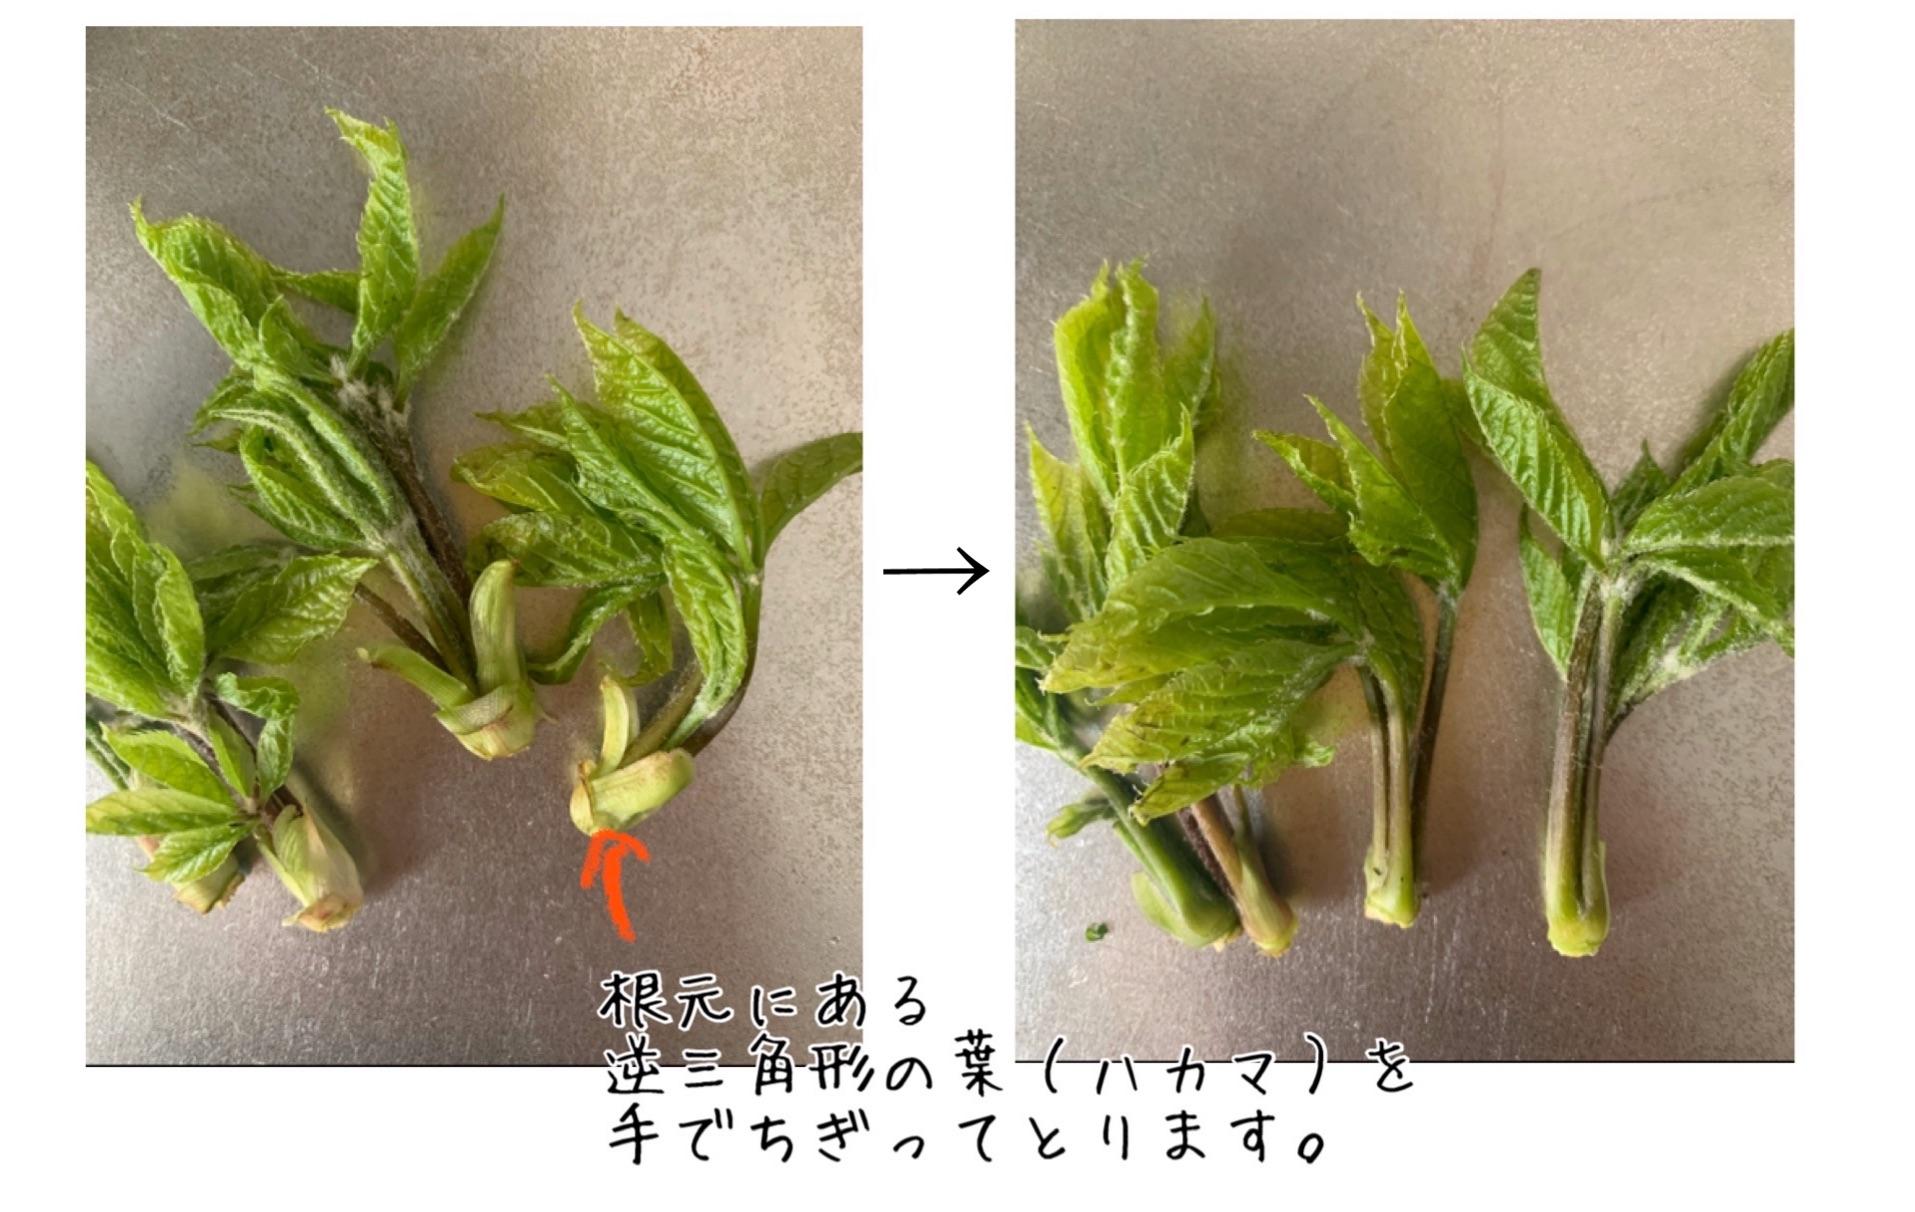 f:id:ikiruikeru43:20200502122523j:image